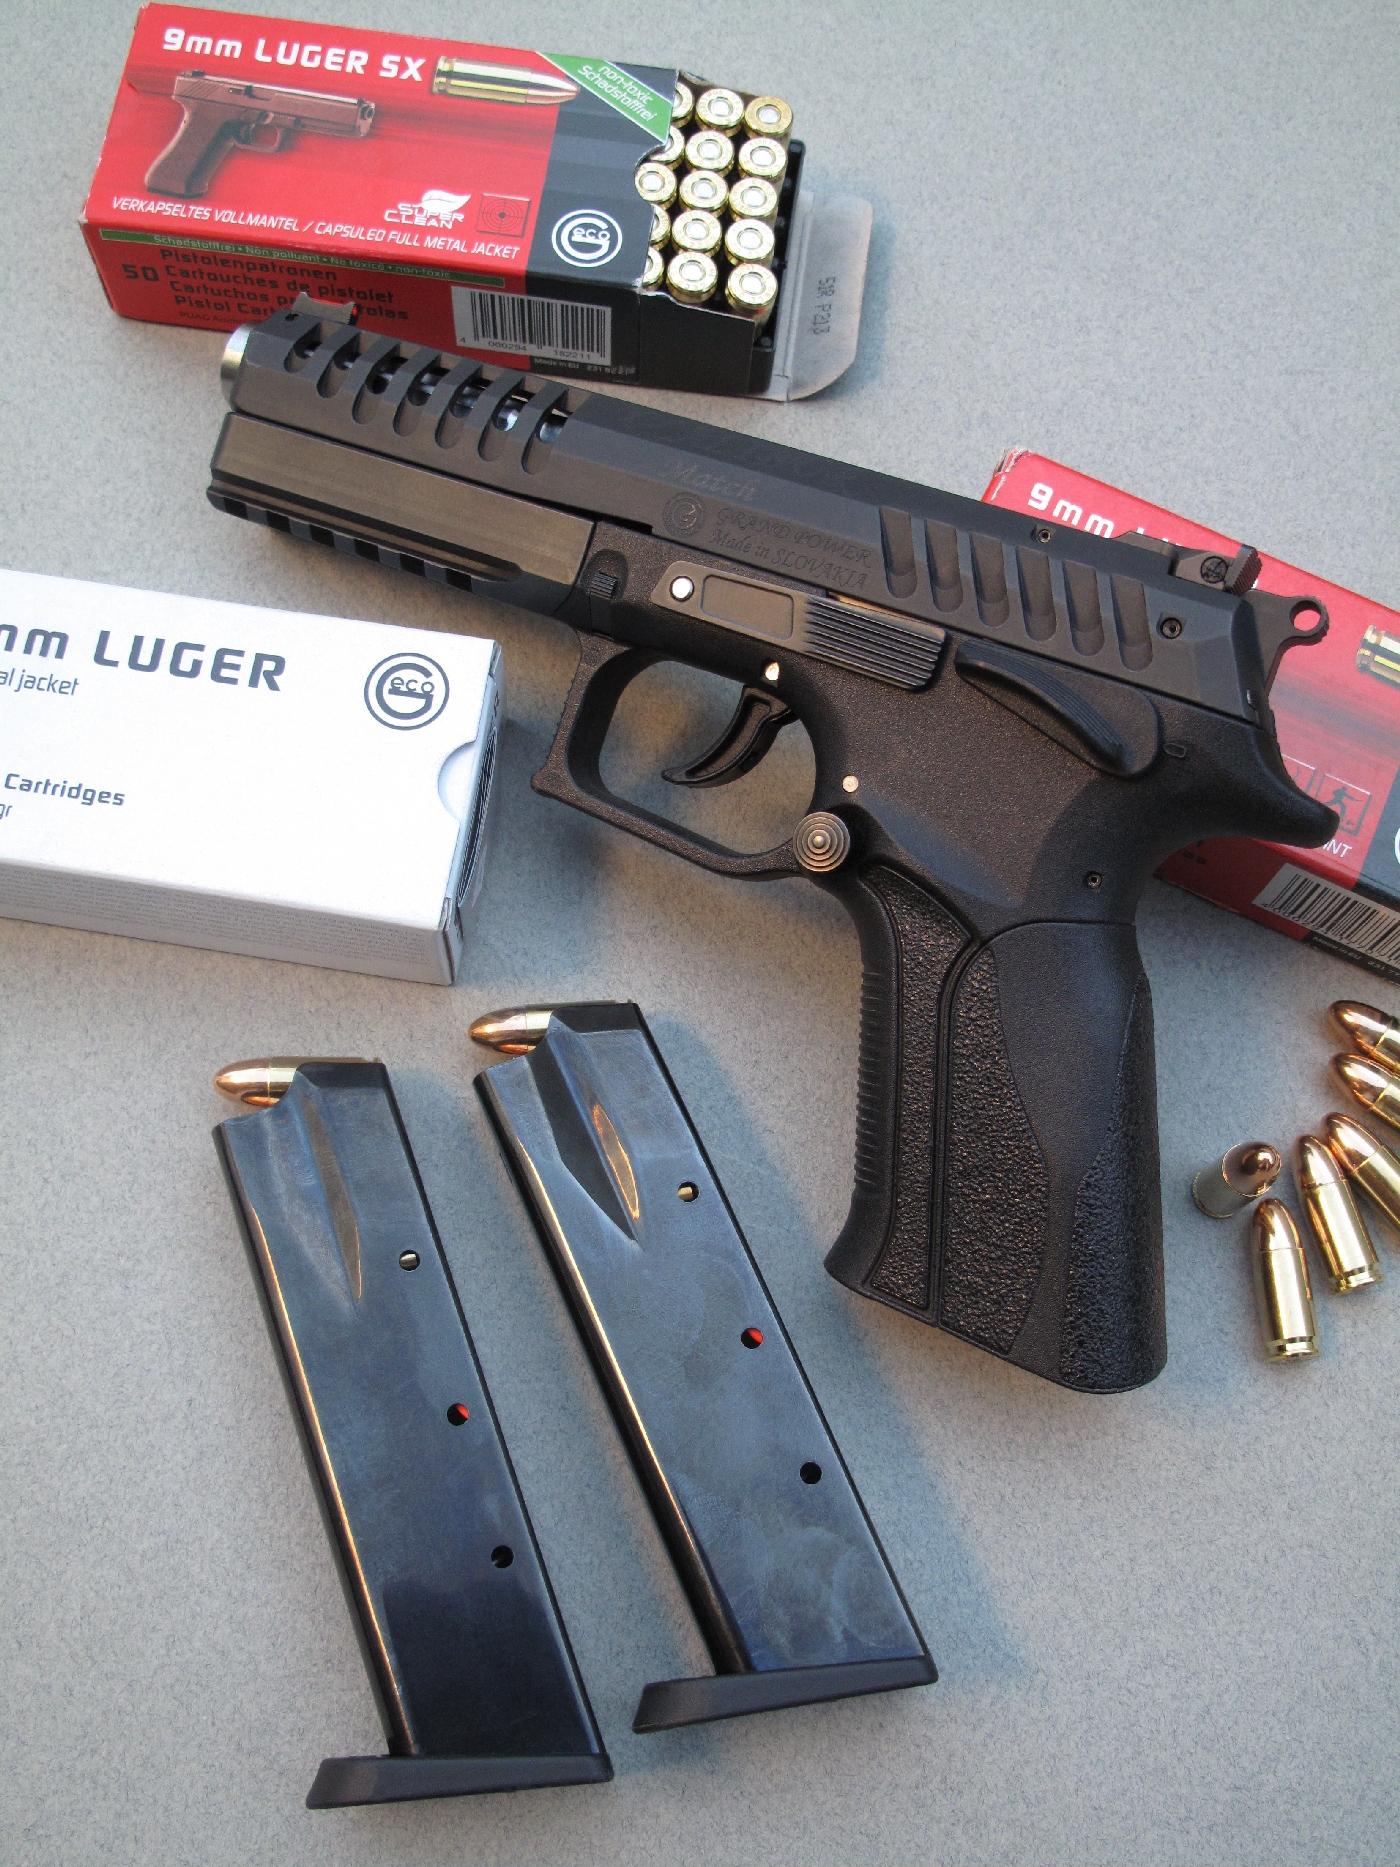 Le pistolet Grand Power X-Calibur Match est accompagné ici par ses deux chargeurs et différentes boîtes de munitions manufacturées par la firme allemande Geco.